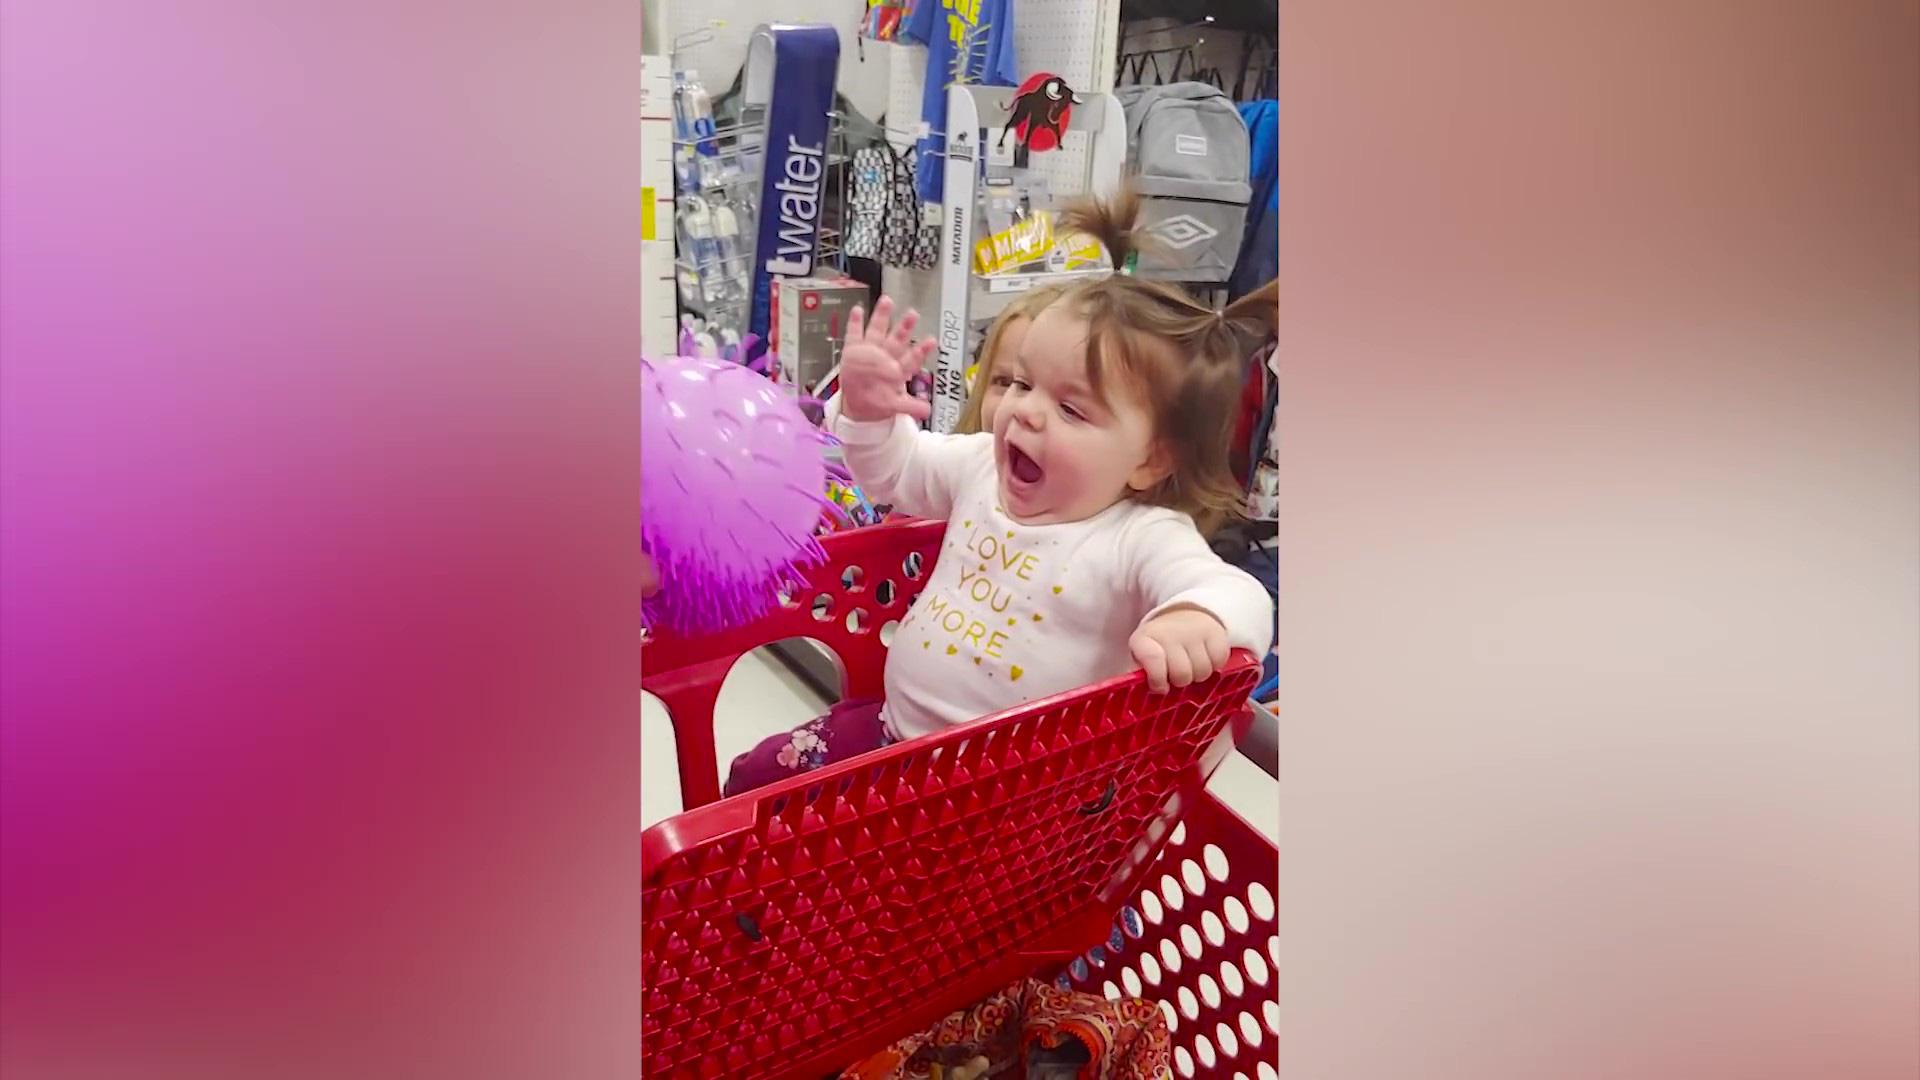 Video clip hài: Biểu cảm bất ngờ của trẻ em khi lần đầu nhìn thấy đồ chơi - Ảnh 4.